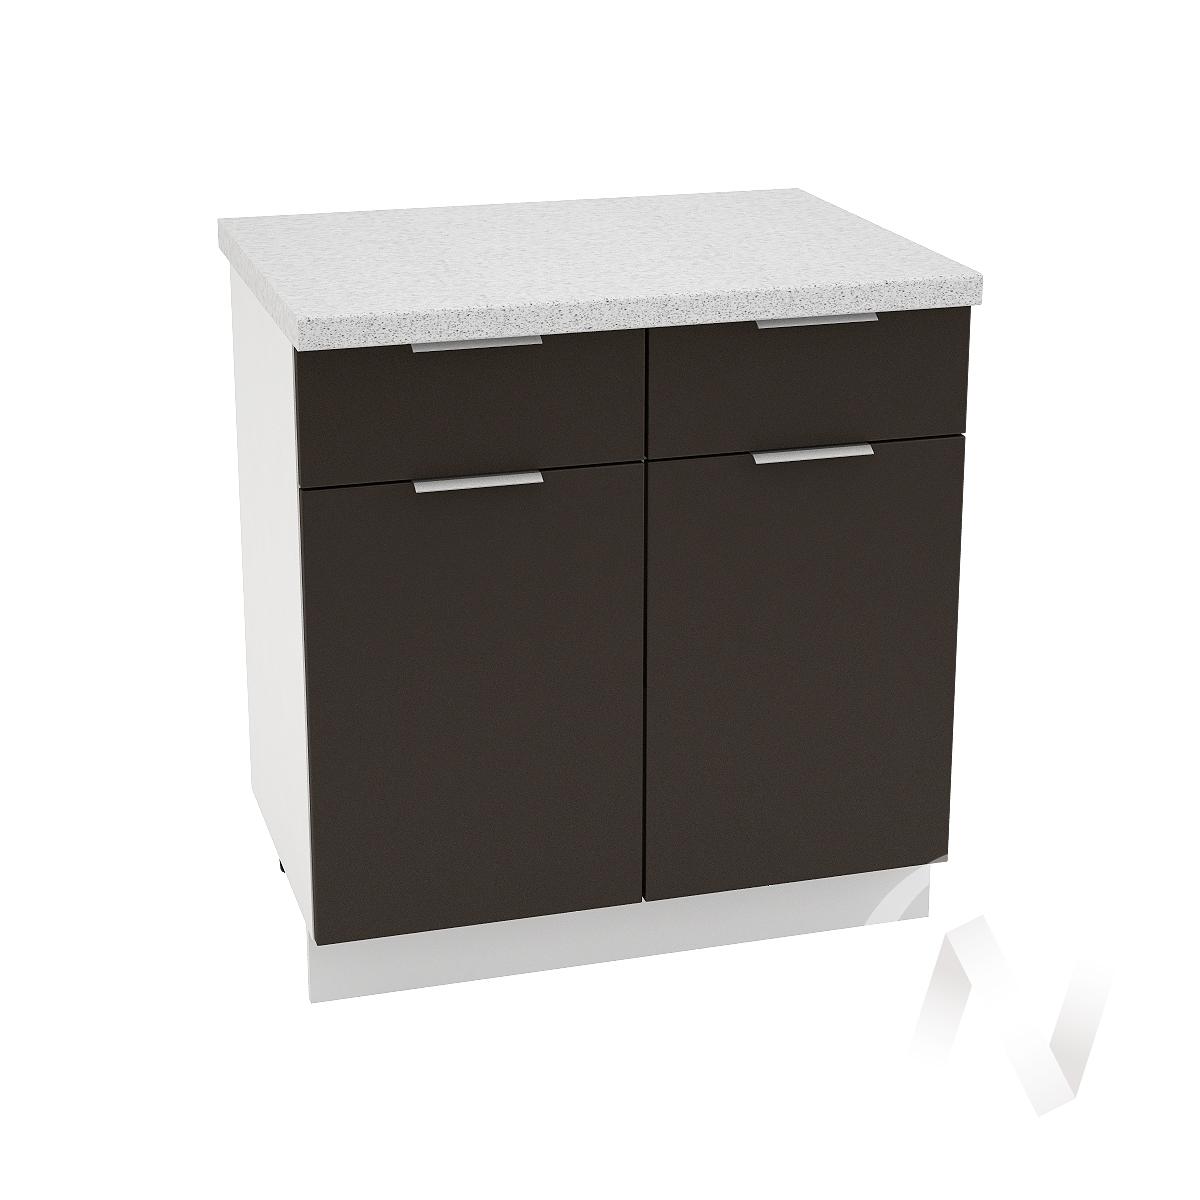 """Кухня """"Терра"""": Шкаф нижний с ящиками 800, ШН1Я 800 (смоки софт/корпус белый)"""